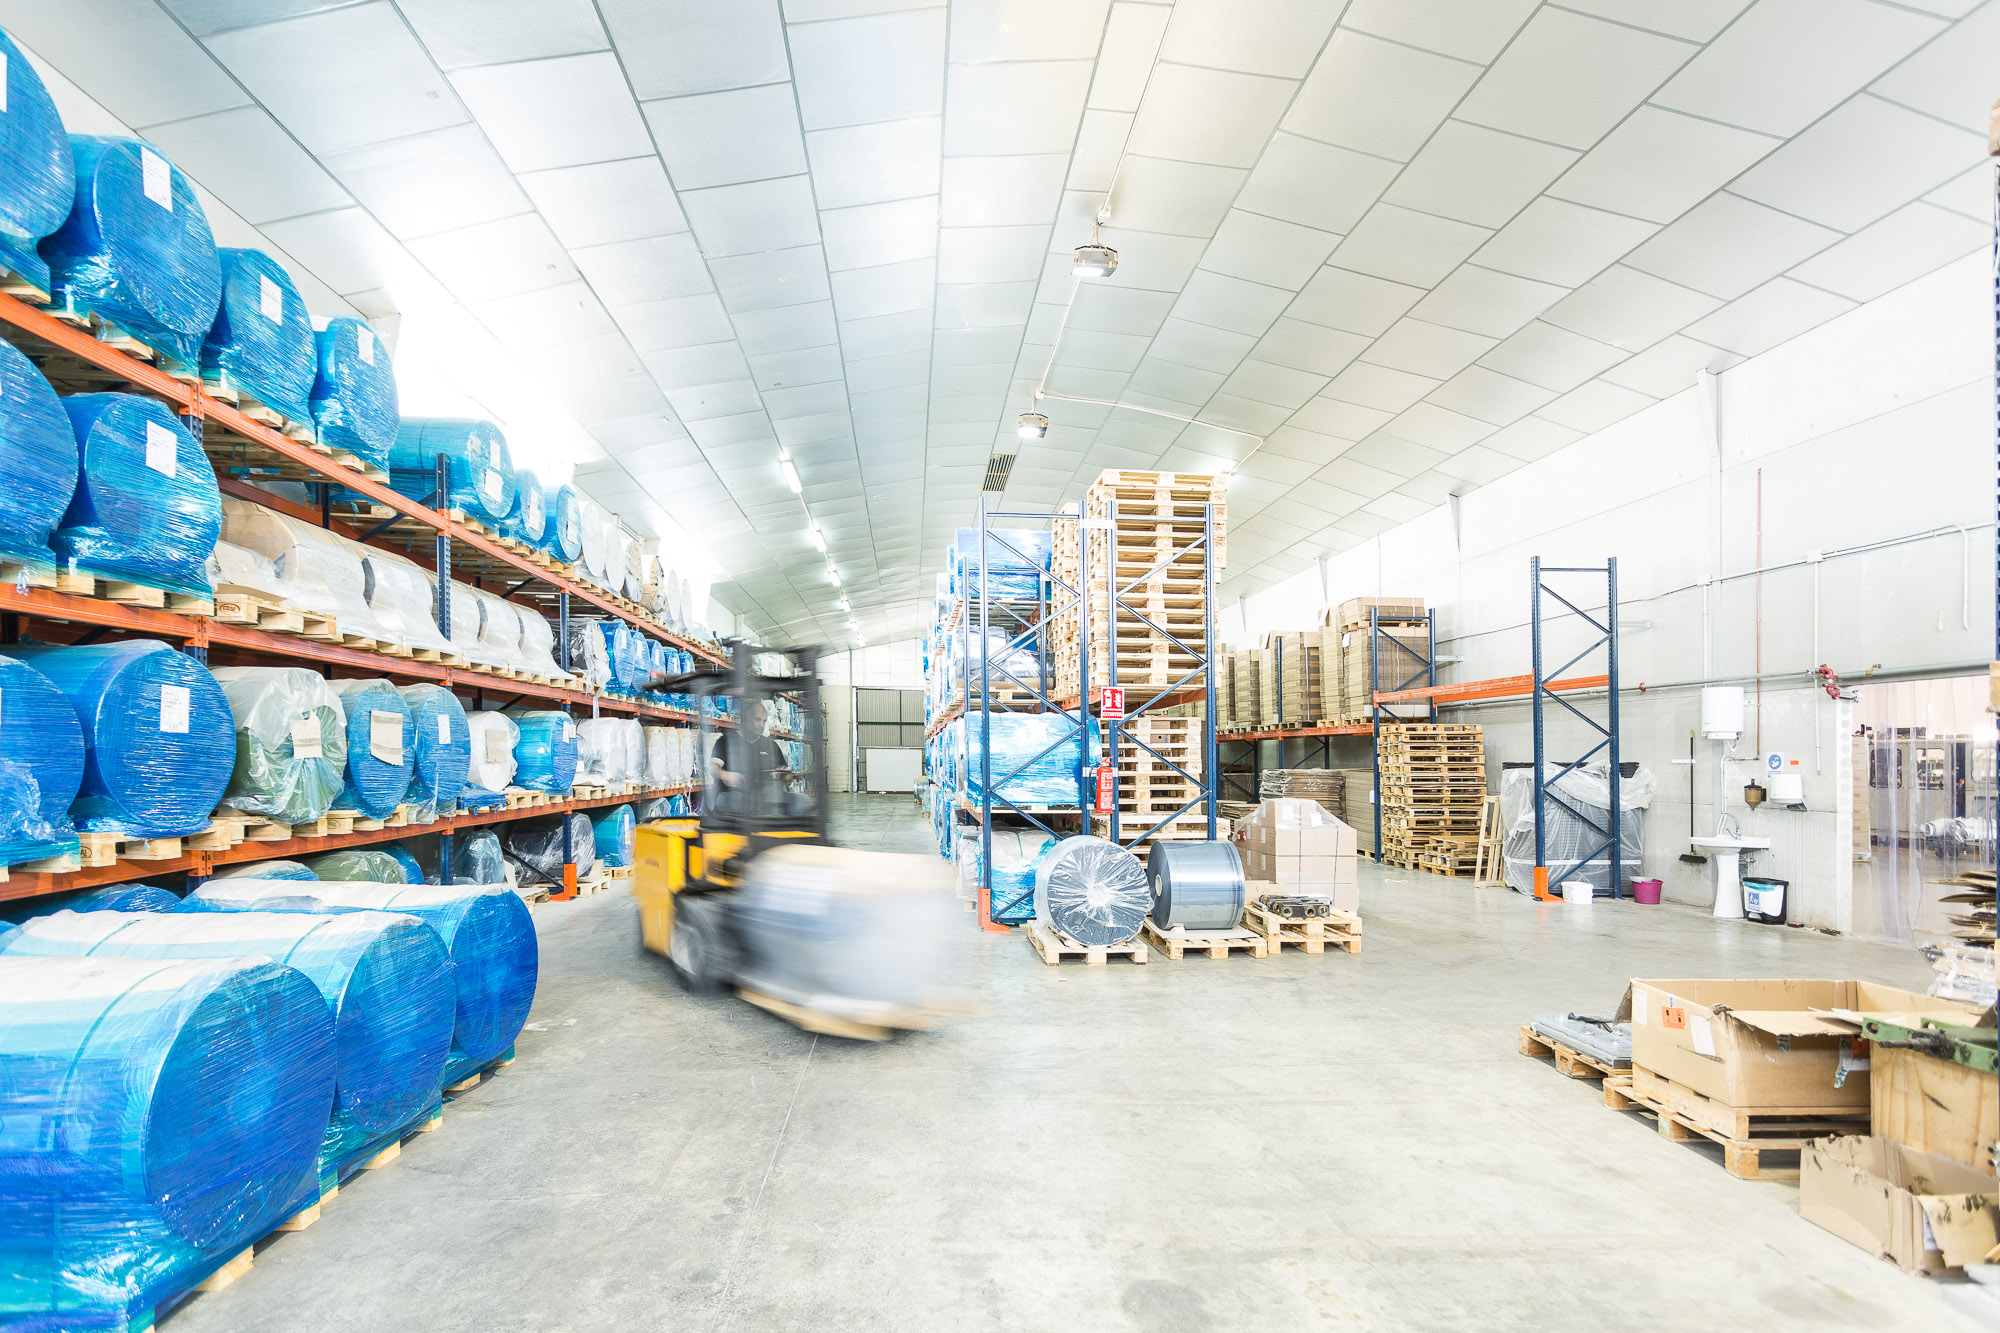 Empresa termoconformado alimentario en almacén